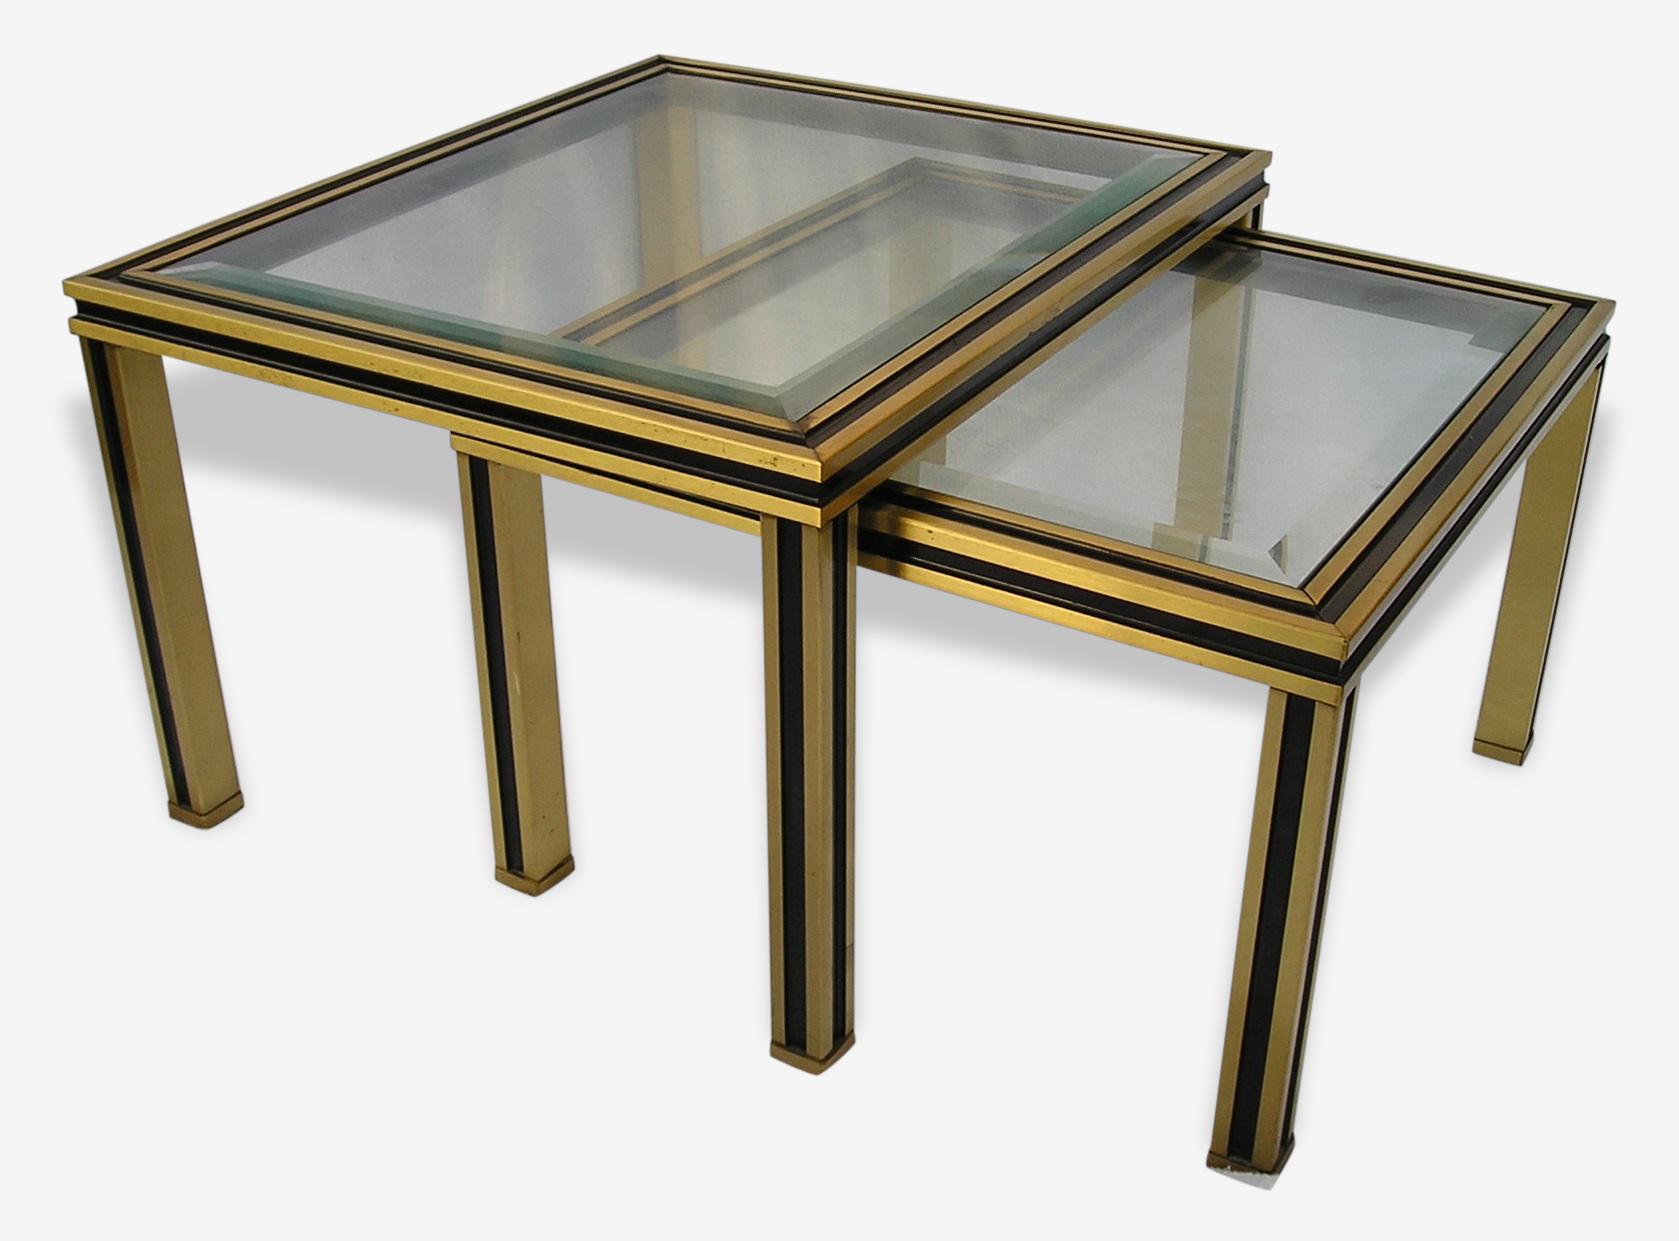 Ensemble de 2 tables basses gigognes, style Pierre VANDEL, alu et verre biseauté, années 70/80